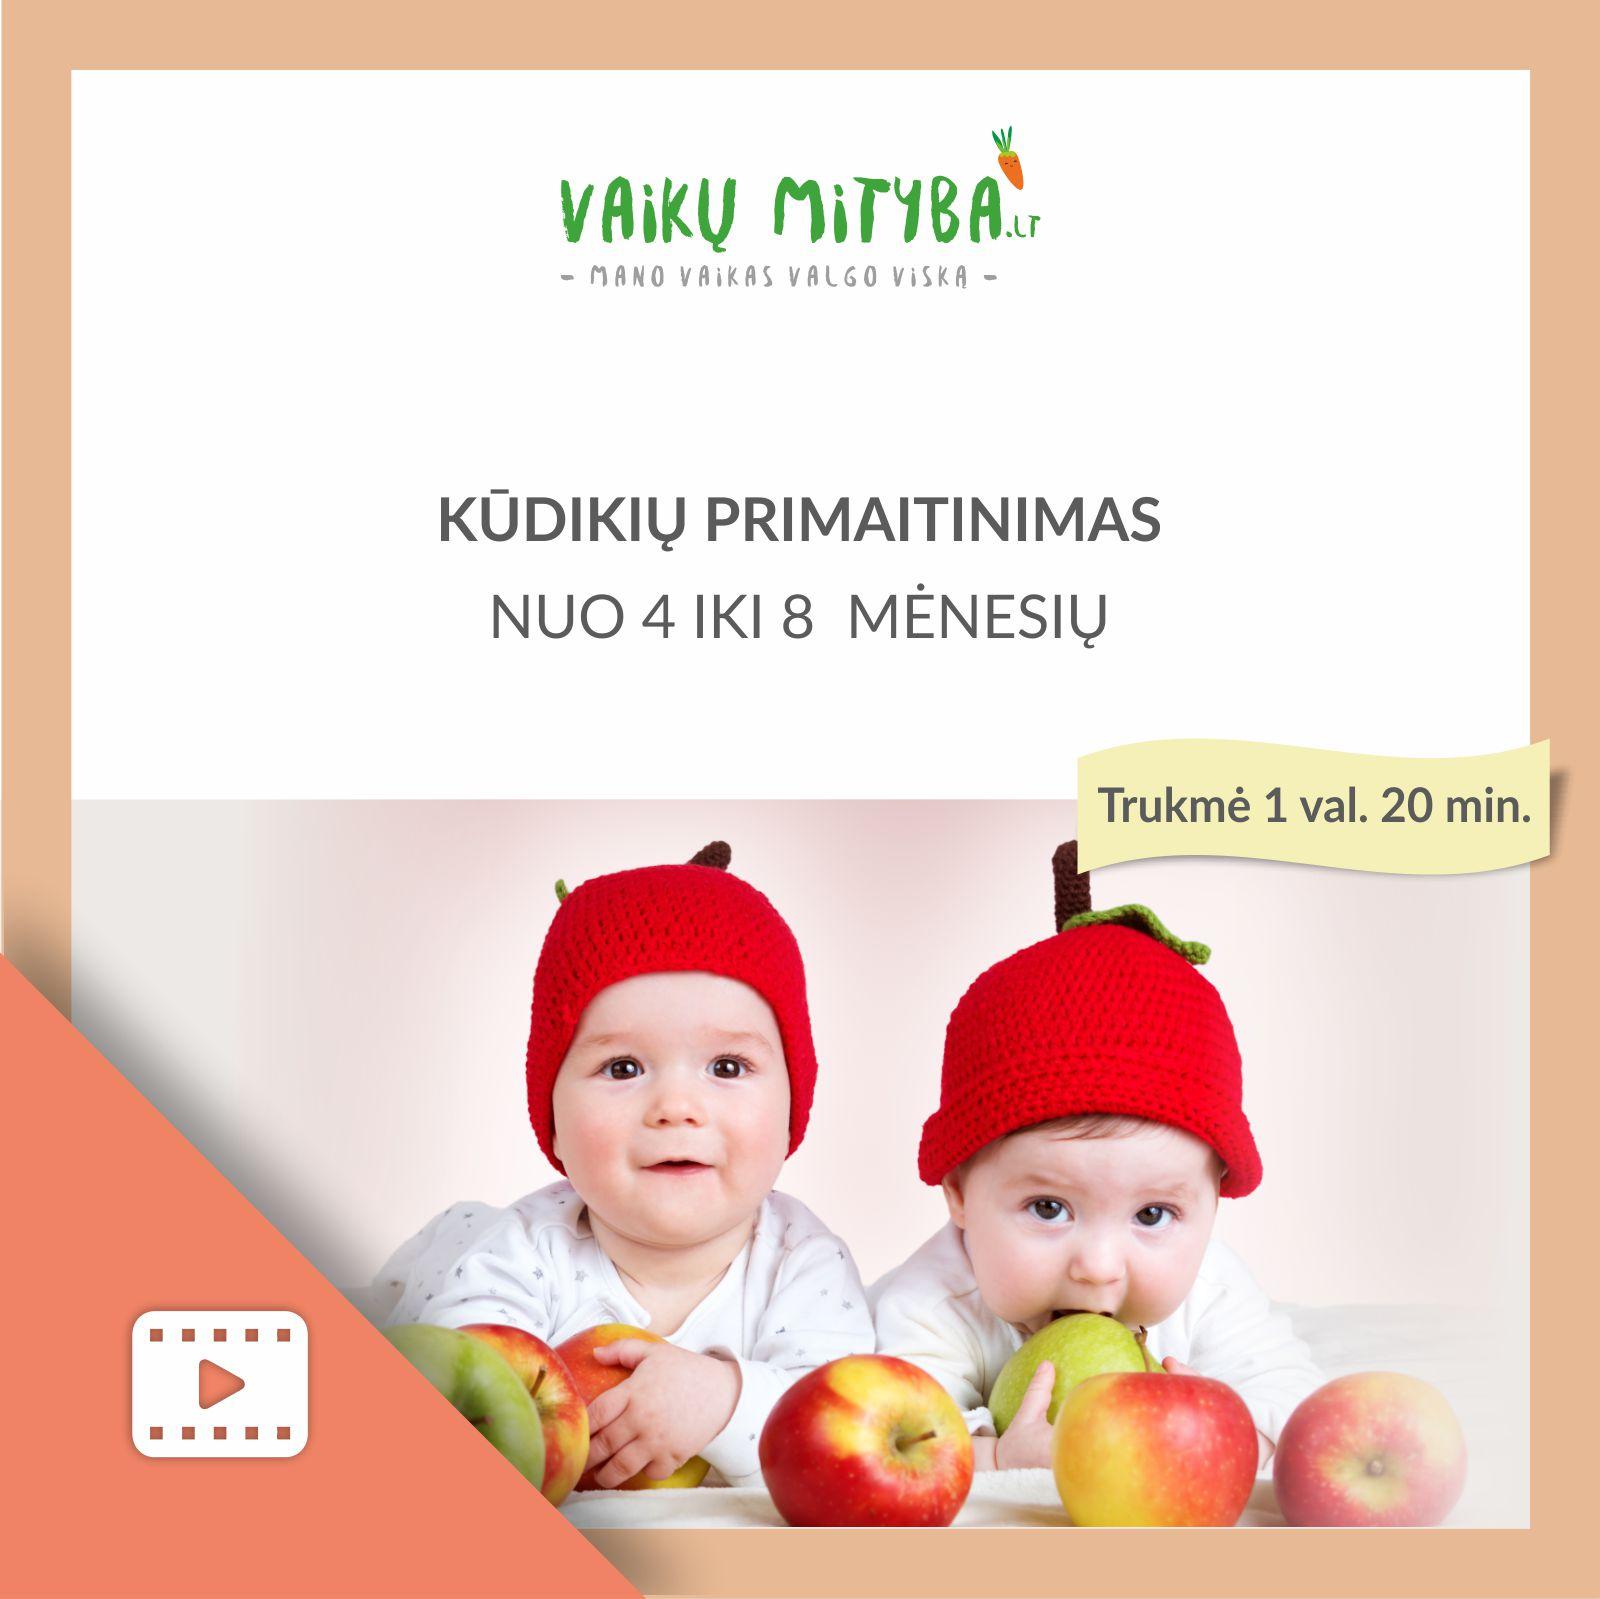 Kūdikių primaitinimas nuo 4 mėnesių iki 8 mėnesių